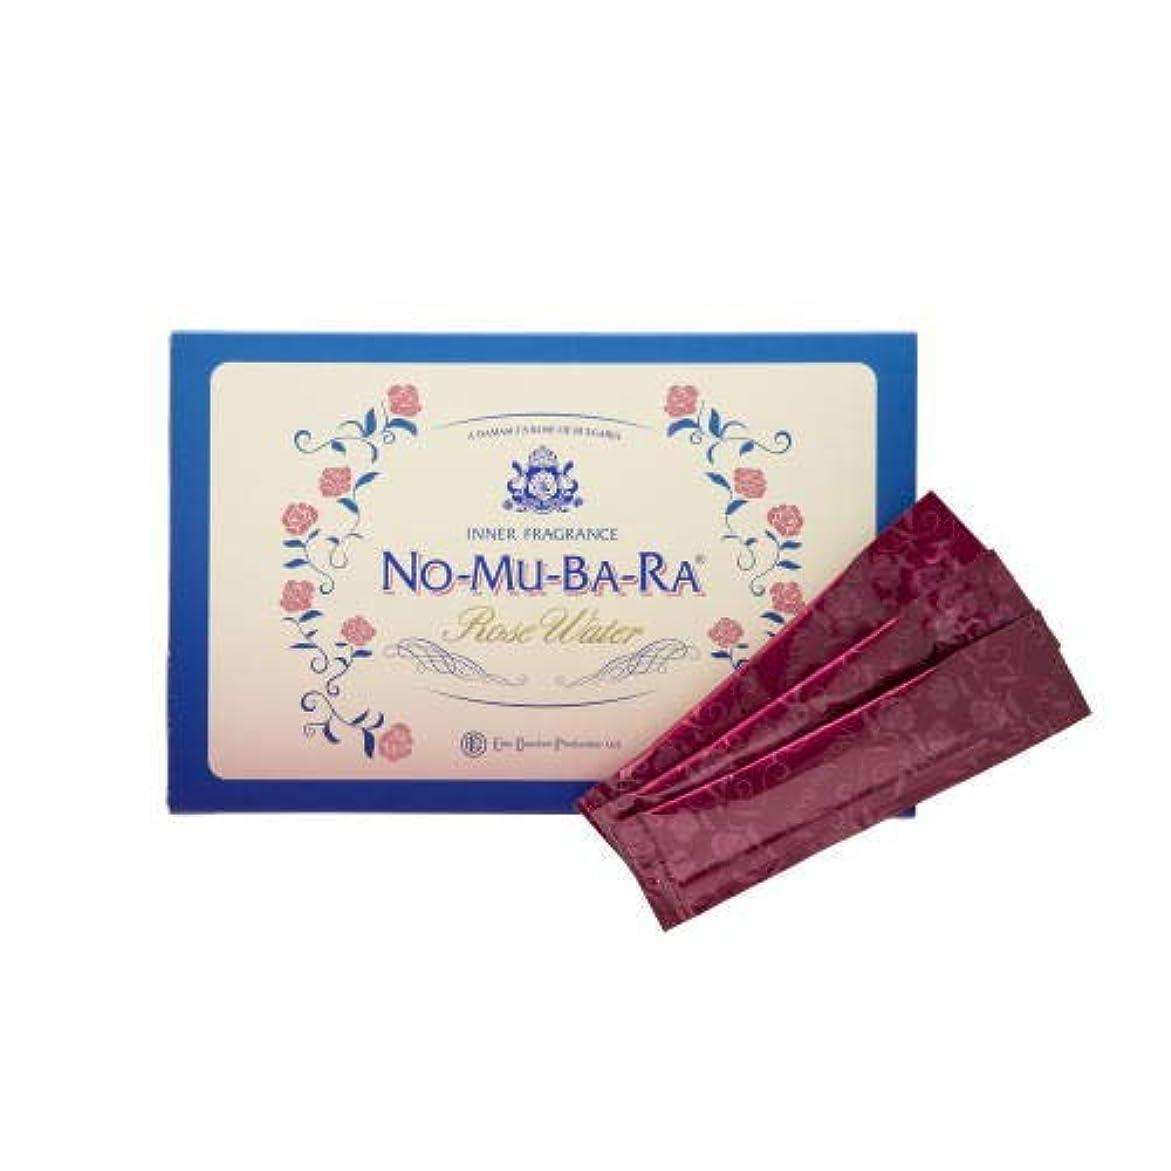 アナログ不適適合するNO-MU-BA-RA NO-MU-BA-RA(ノムバラ)(35包入)×2箱【モンドセレクション受賞】